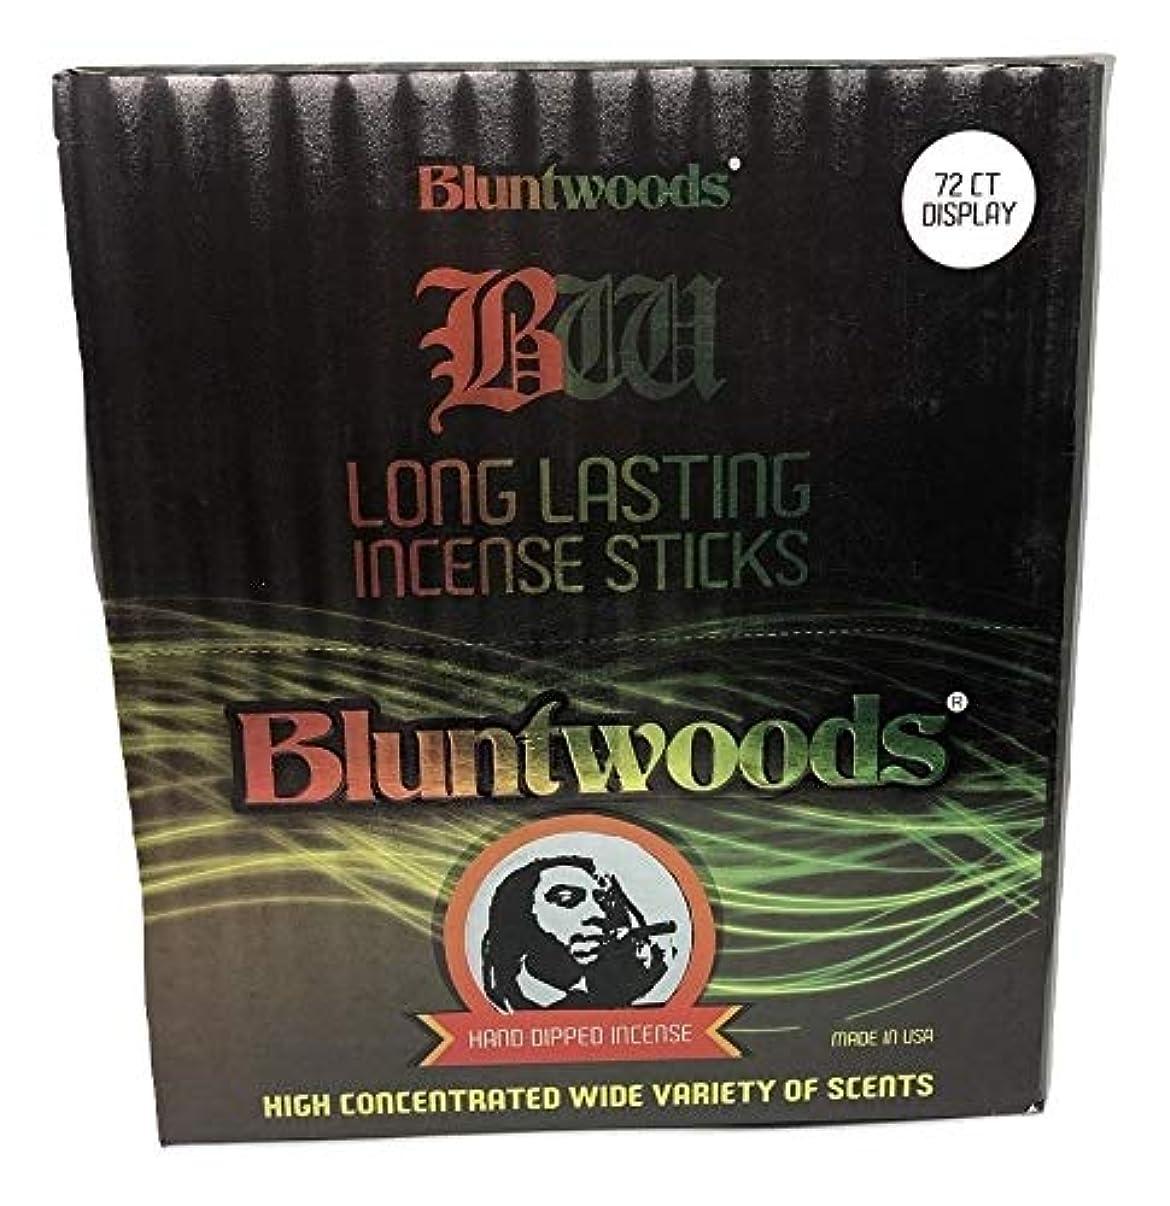 メジャー存在苗BLUNTWOODS Blunt Woods 手染め お香ディスプレイ (72カウントアスト) 合計864 お香スティック